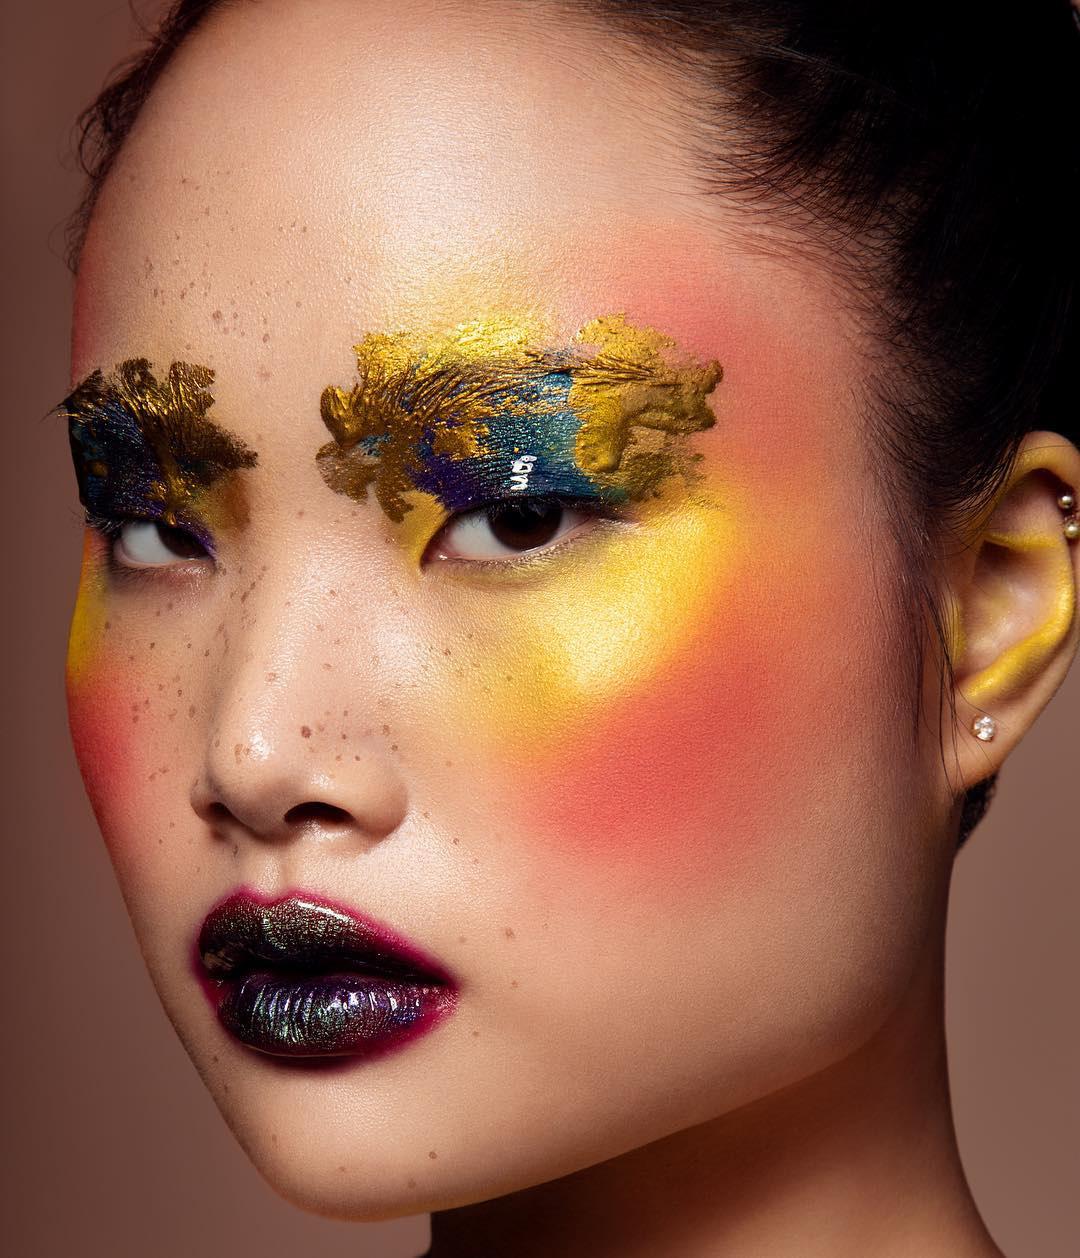 Dàn M.U.A nổi tiếng quy tụ tại The makeup show của Hạnh Lâm Makeup Academy - Ảnh 3.